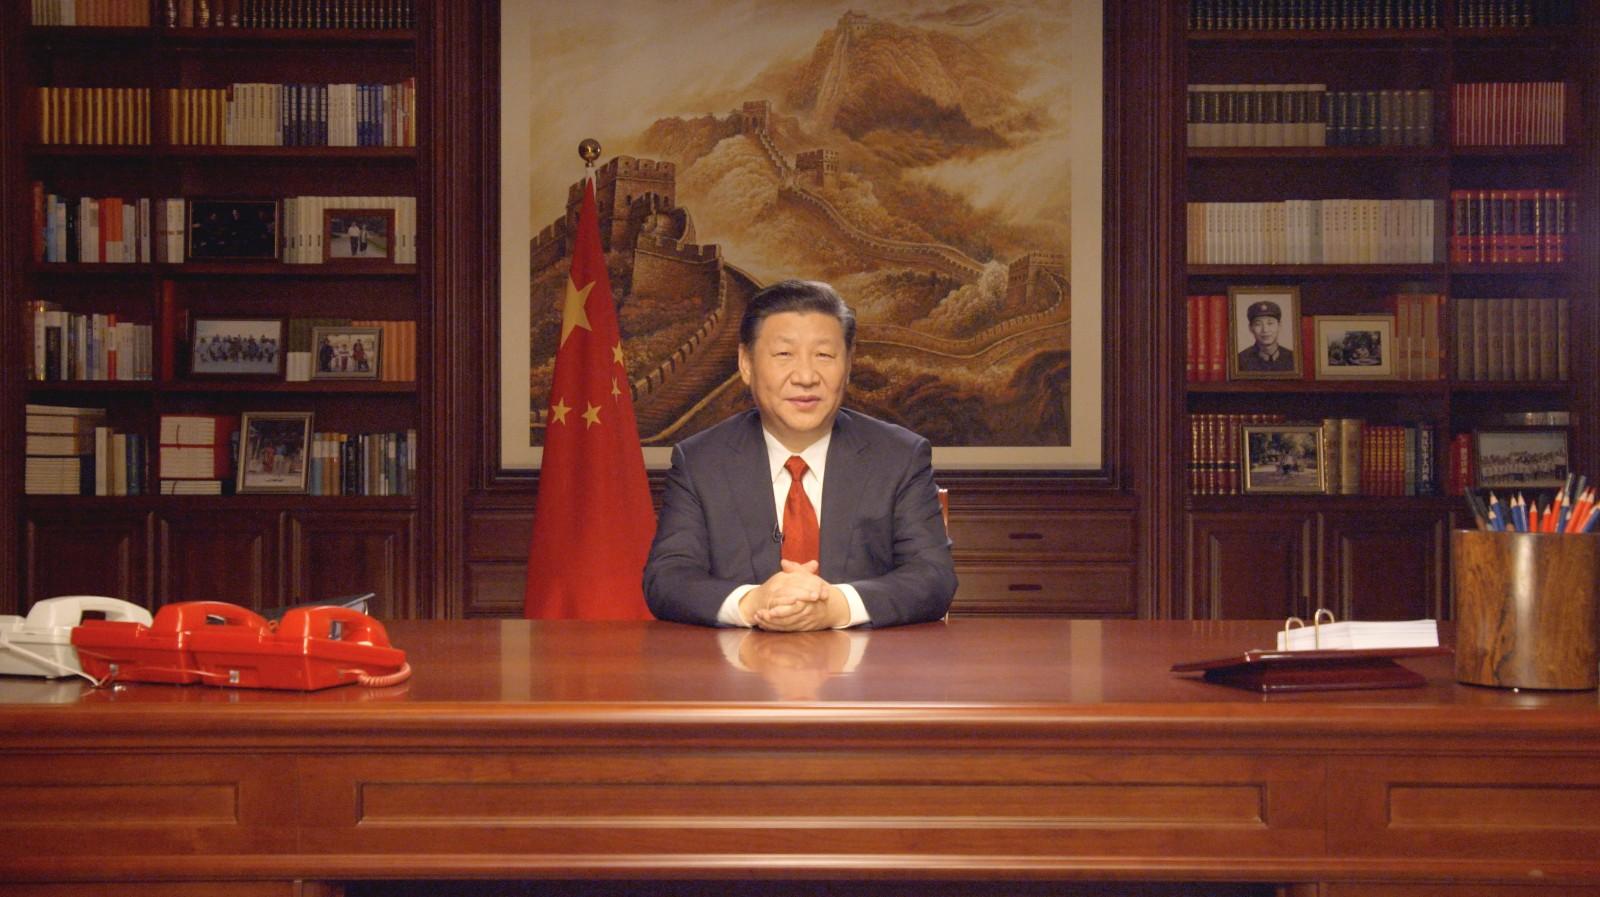 习近平发表2018年新年贺词:将改革进行到底_图1-1